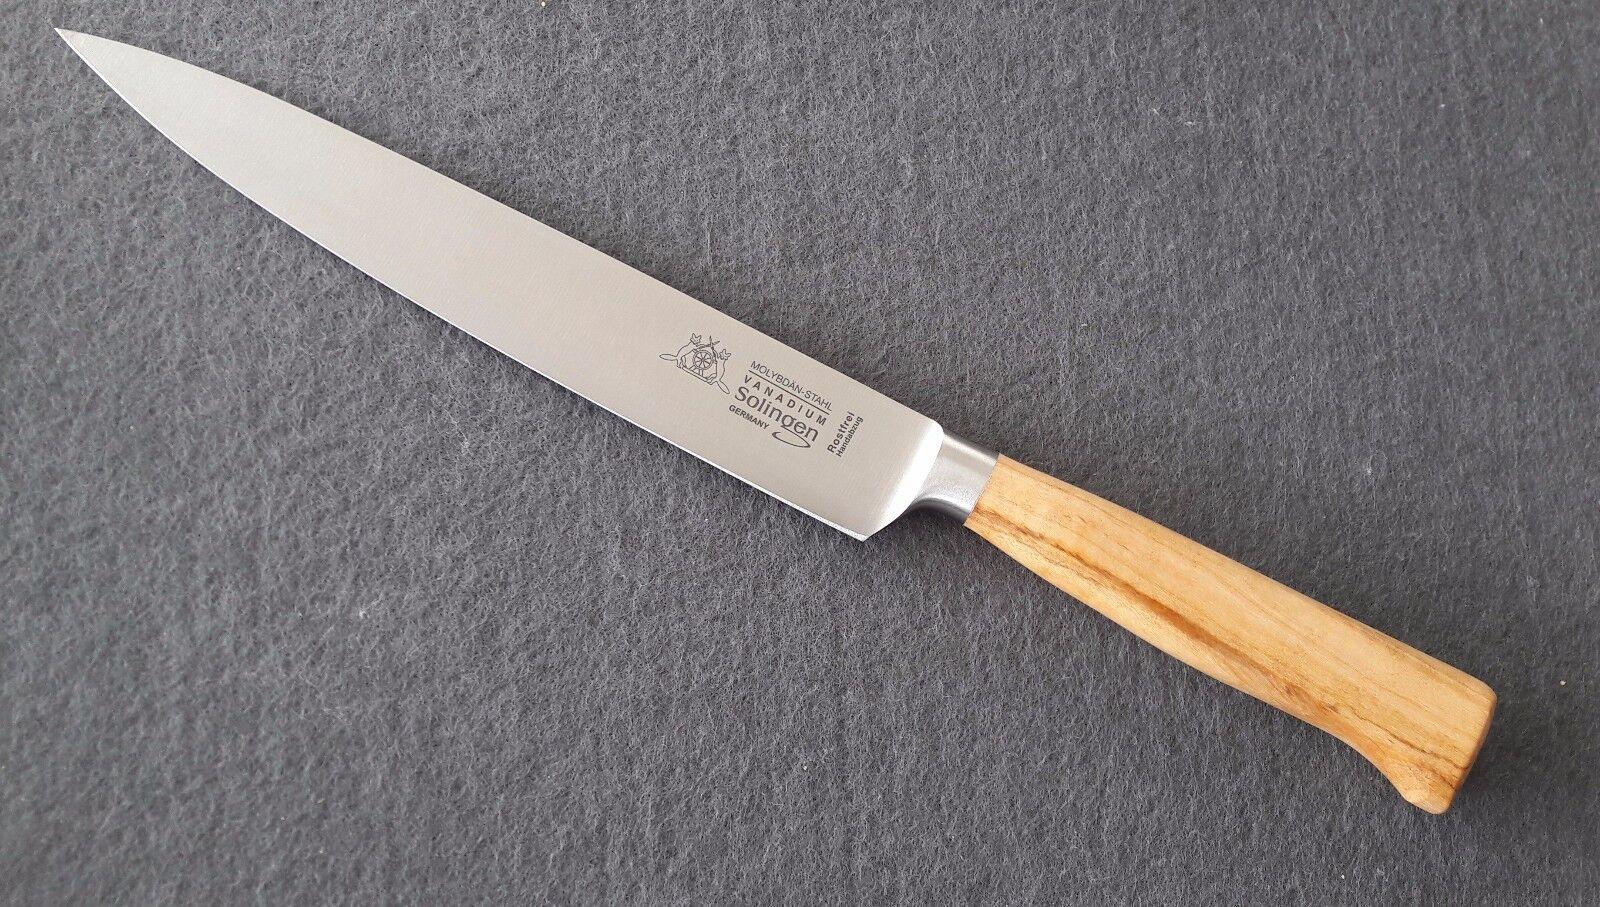 Fuchs solingen jambon couteau 21 cm lame forgée sans rouille Olivenholz 9503